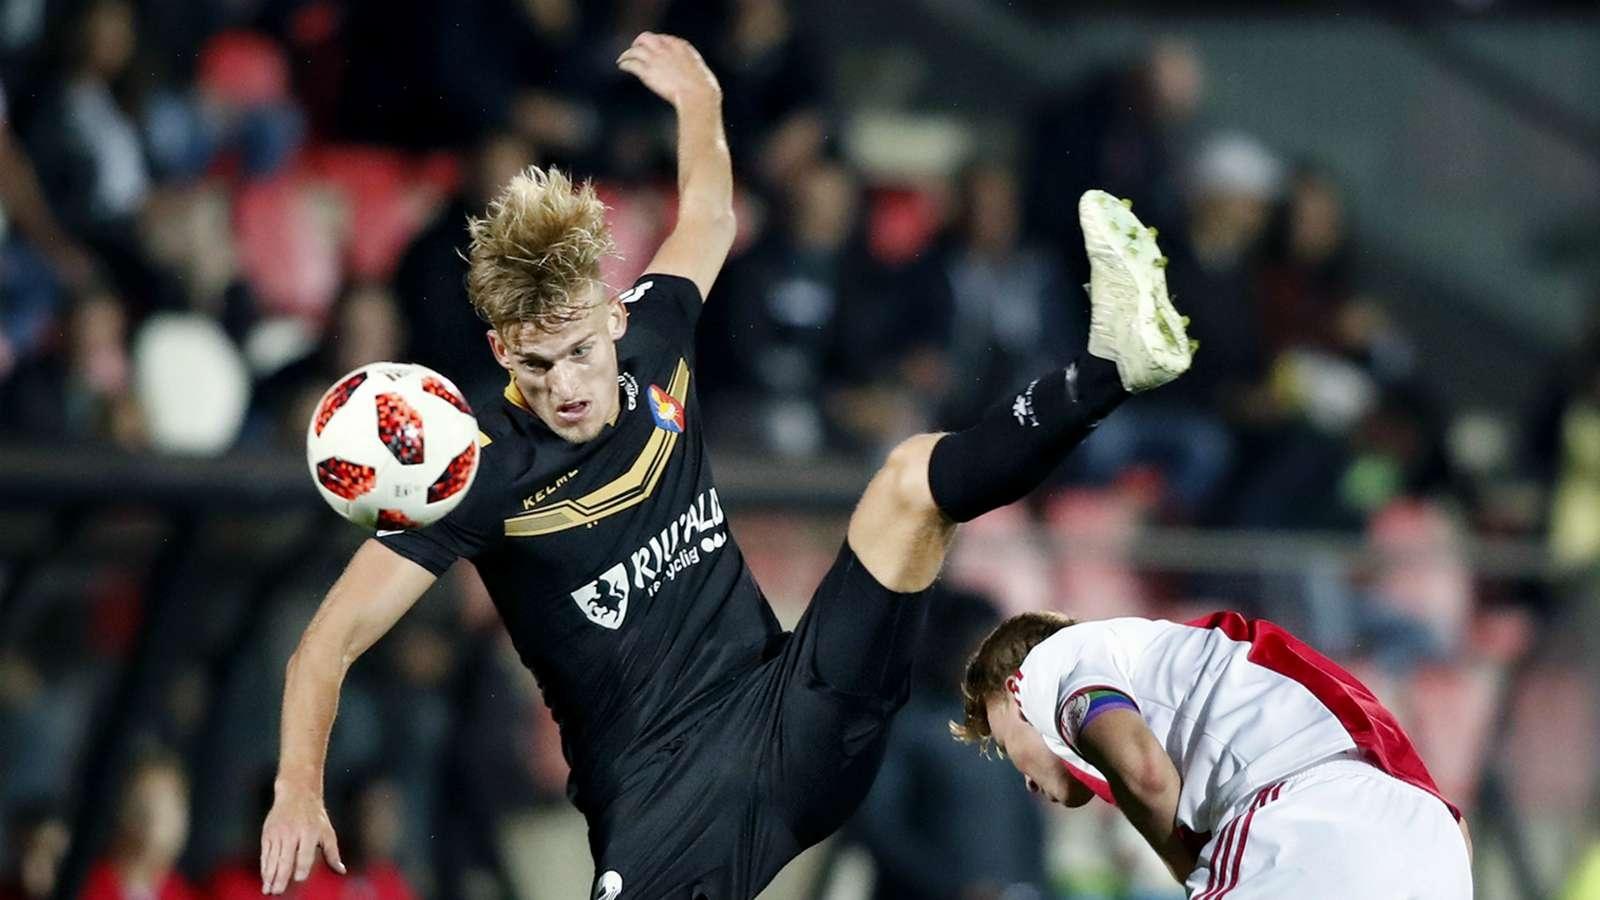 Холандският футболист Жорди ван дер Лаан се раздели с Телстар,